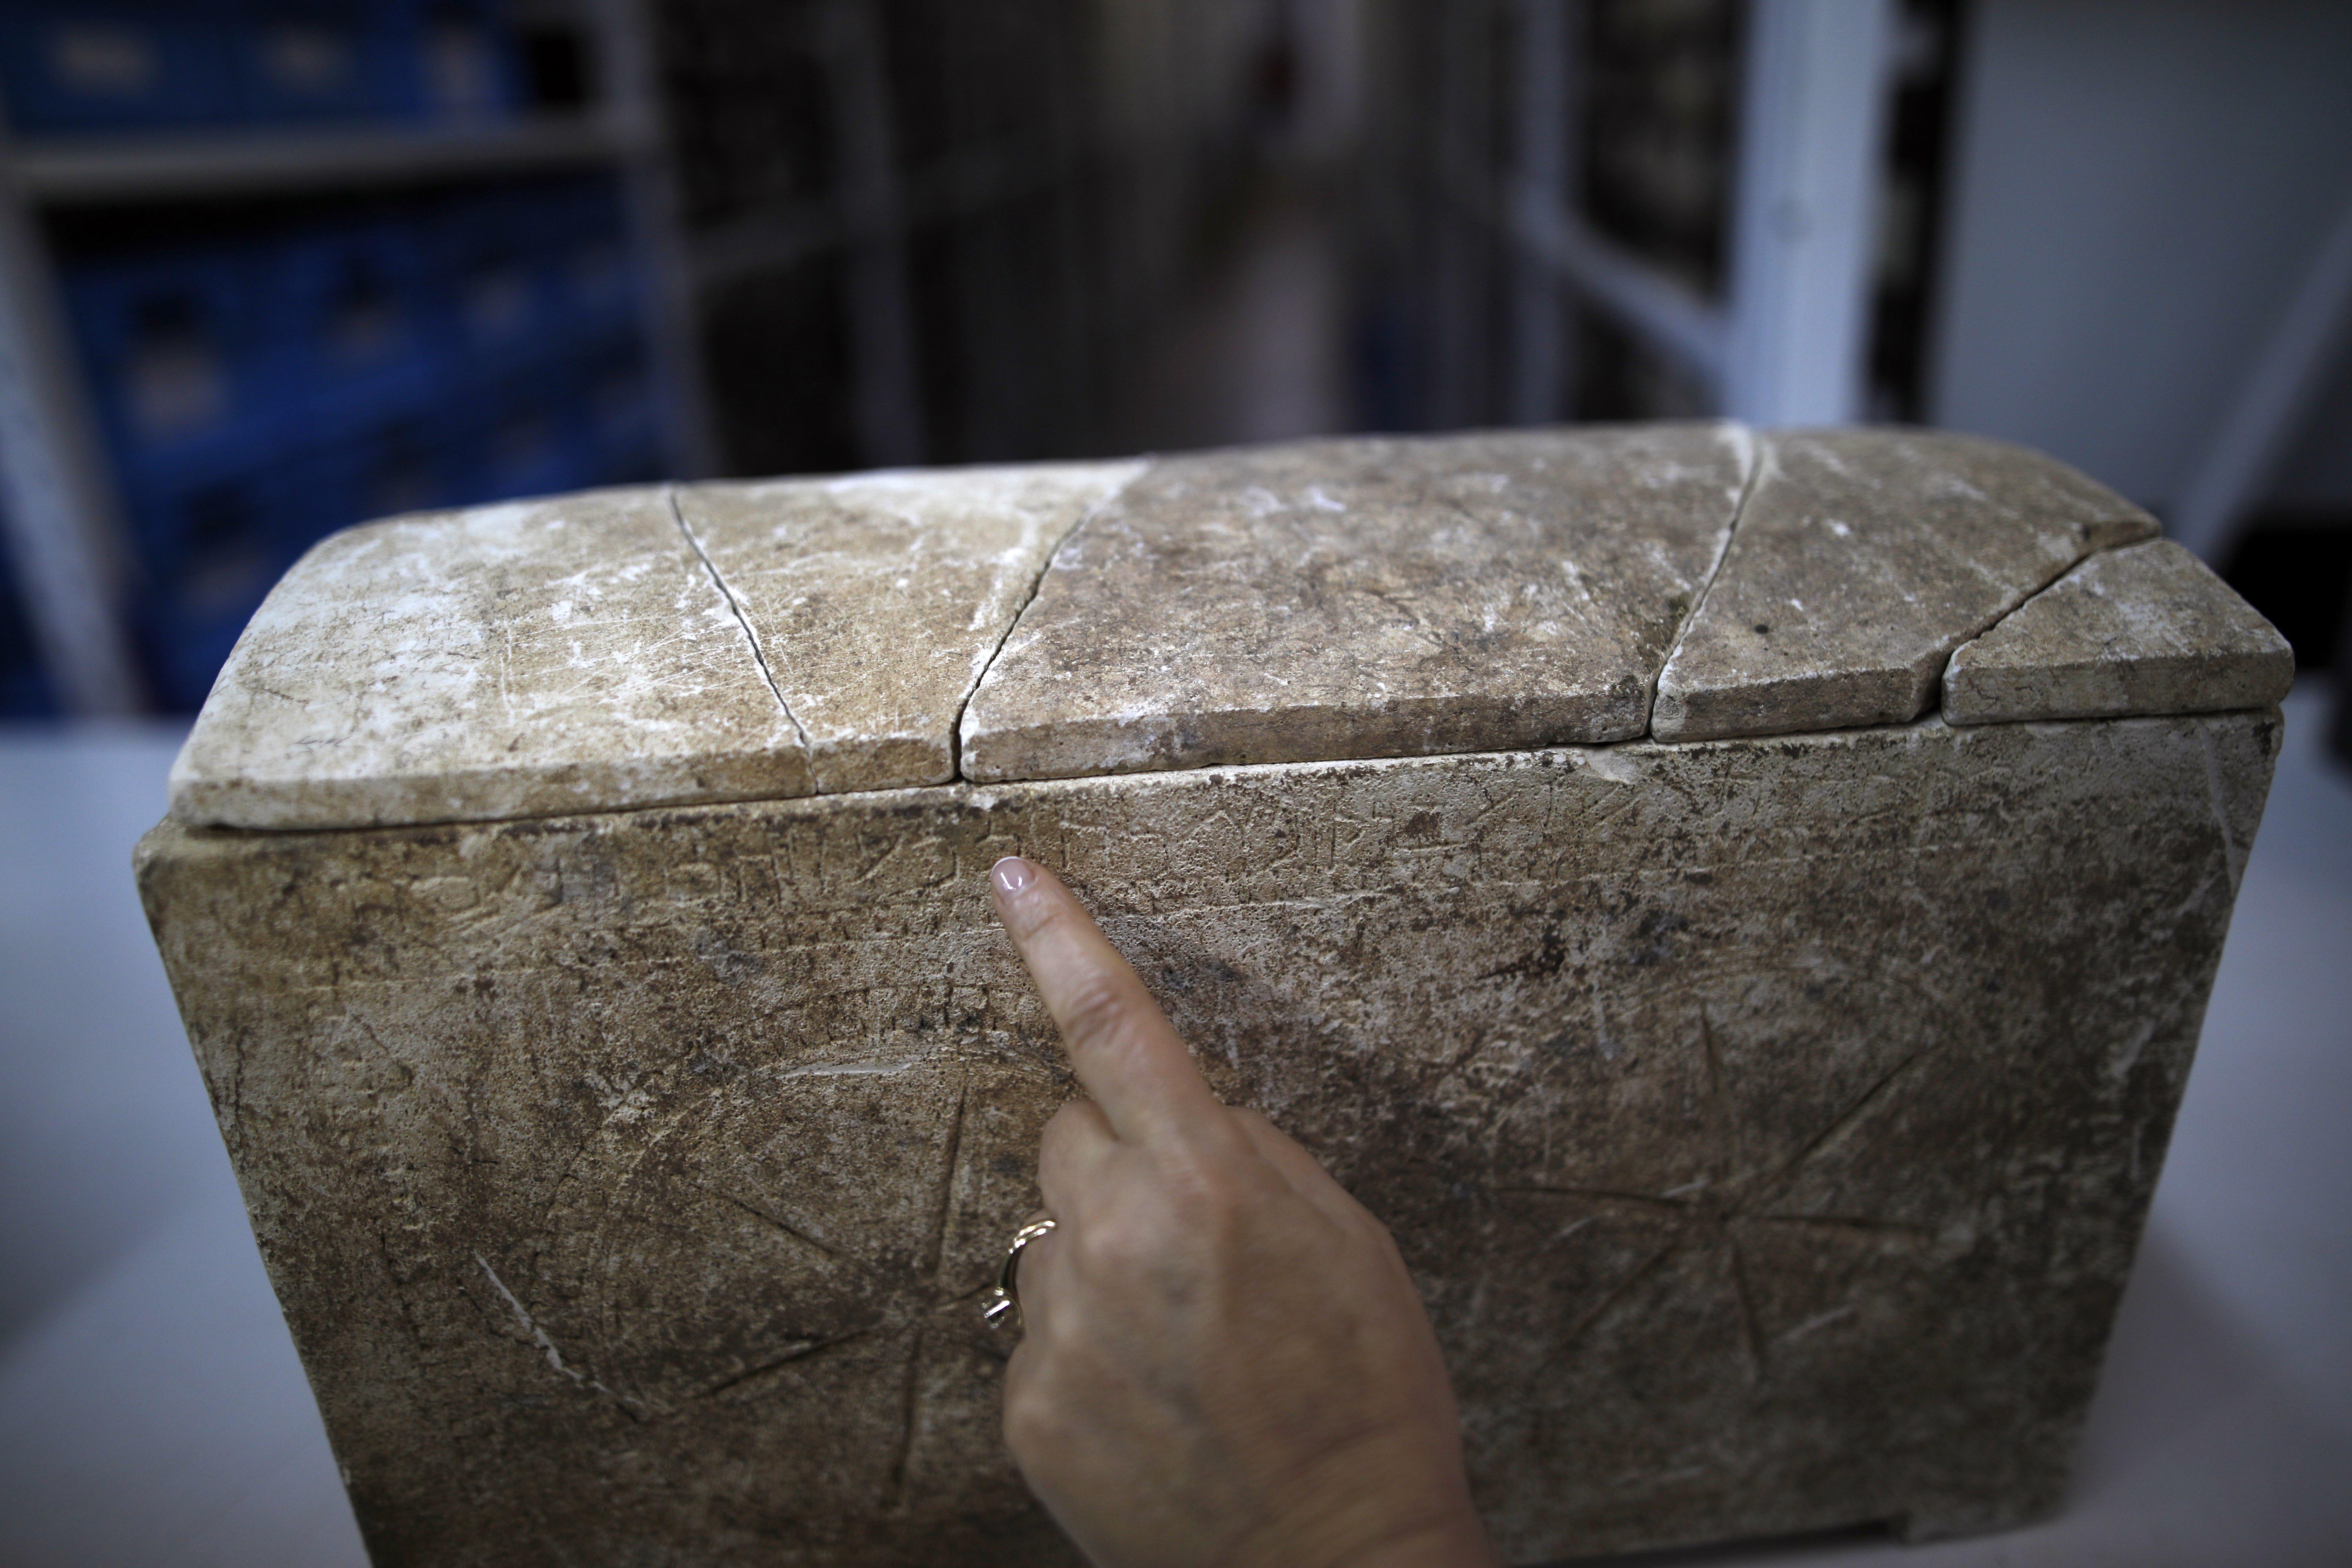 Un ossuaire du Ier siècle après JC fait partie des découvertes